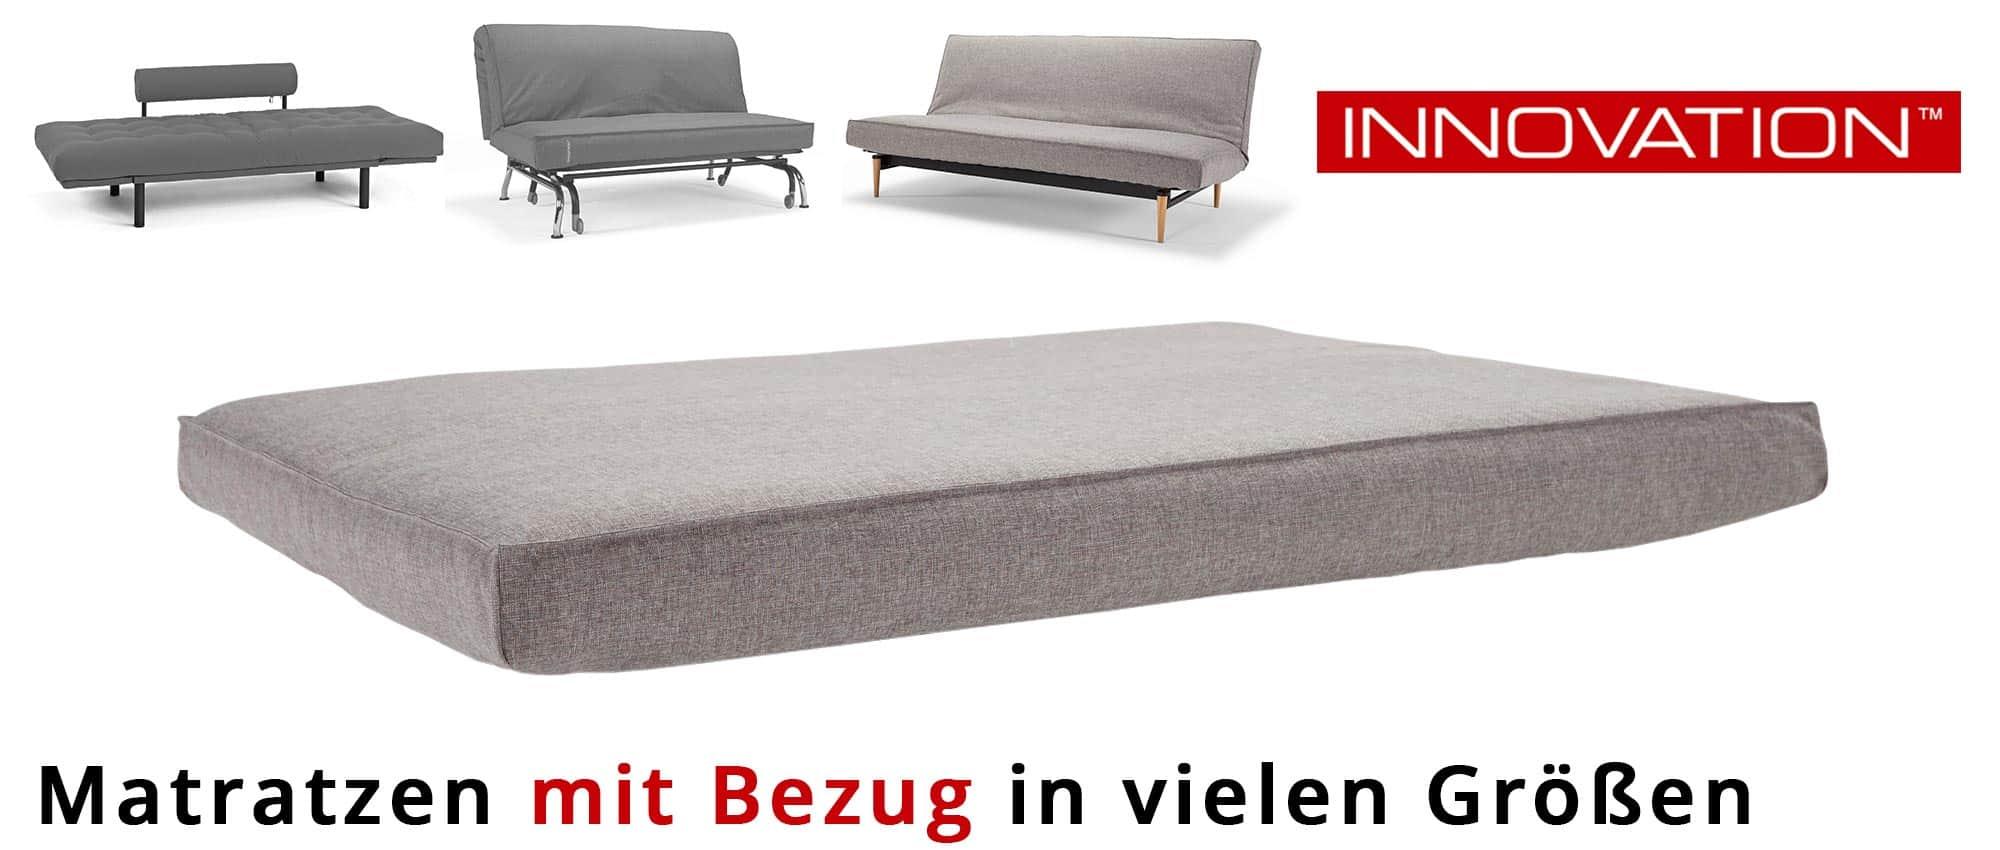 matratzen f r schlafsofas von innovation mit extra bezug. Black Bedroom Furniture Sets. Home Design Ideas